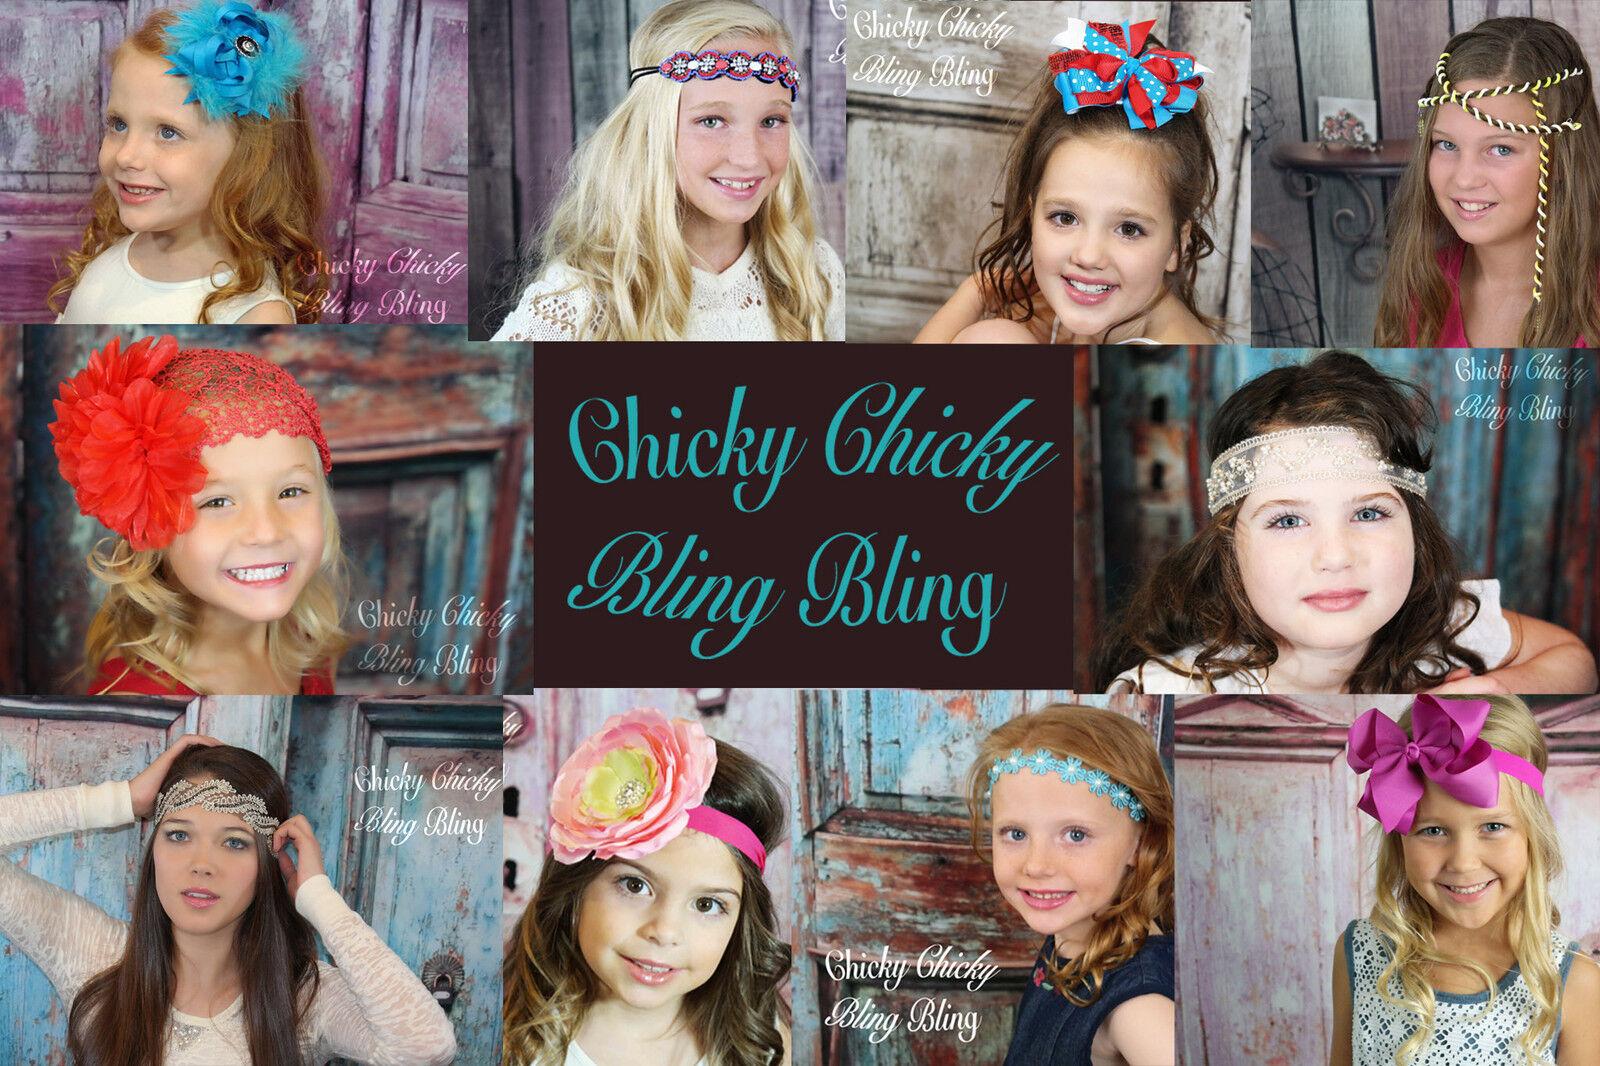 Chicky Chicky Bling Bling, LLC